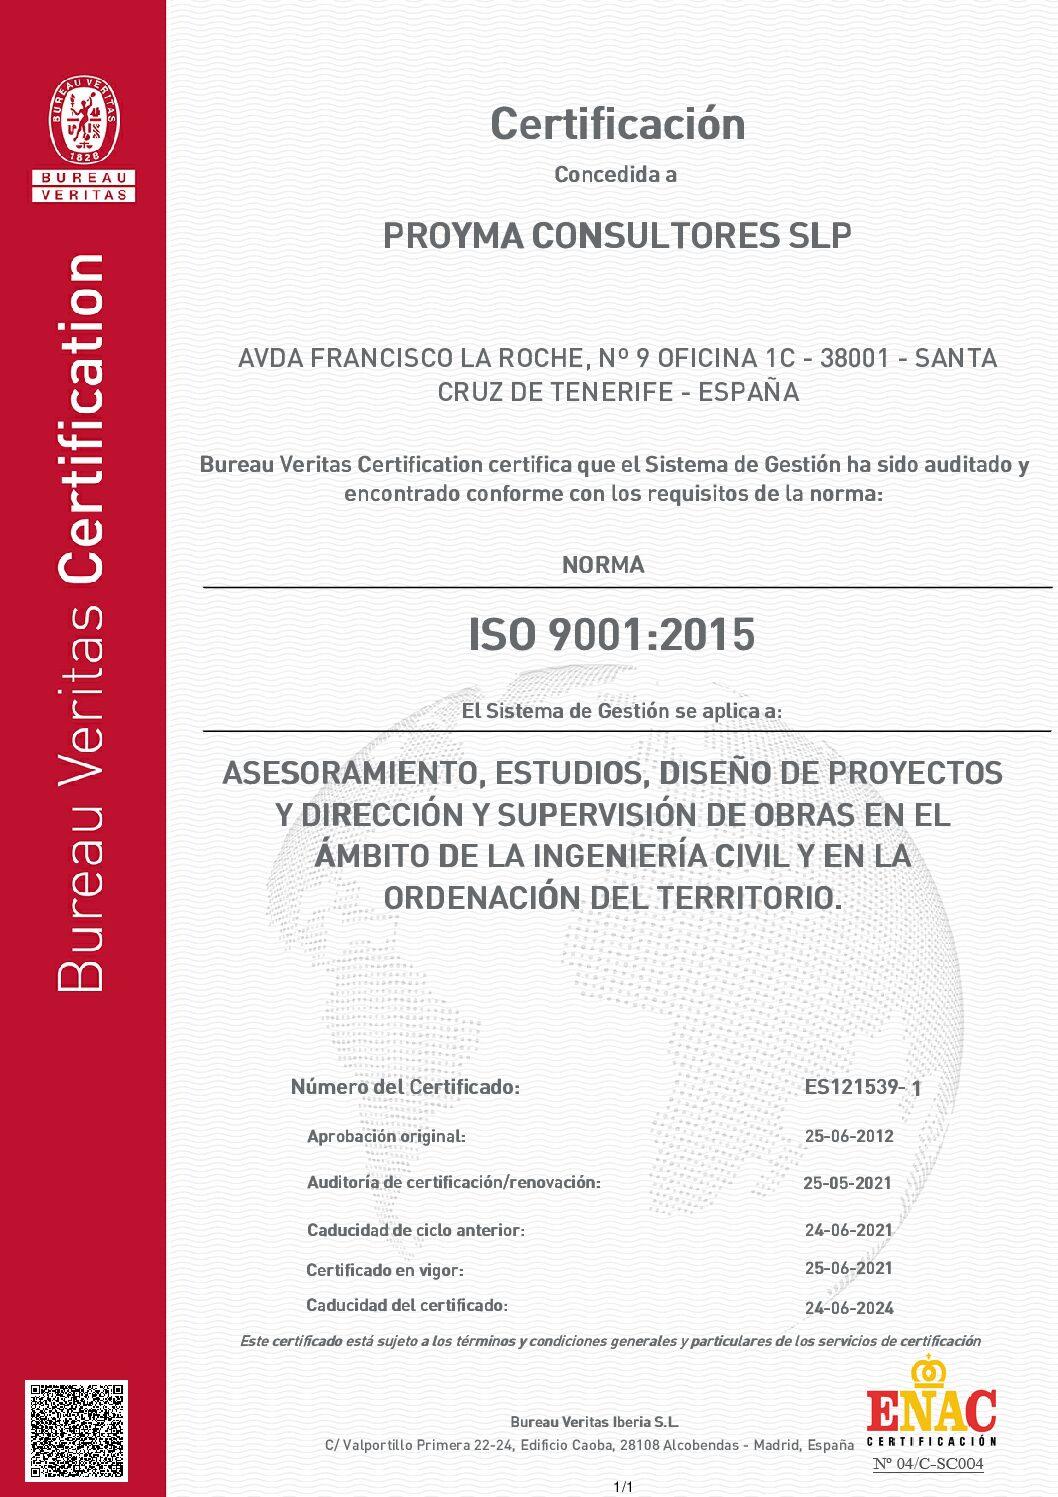 Sistema de Gestión de la Calidad certificado bajo la norma ISO 9001:2008